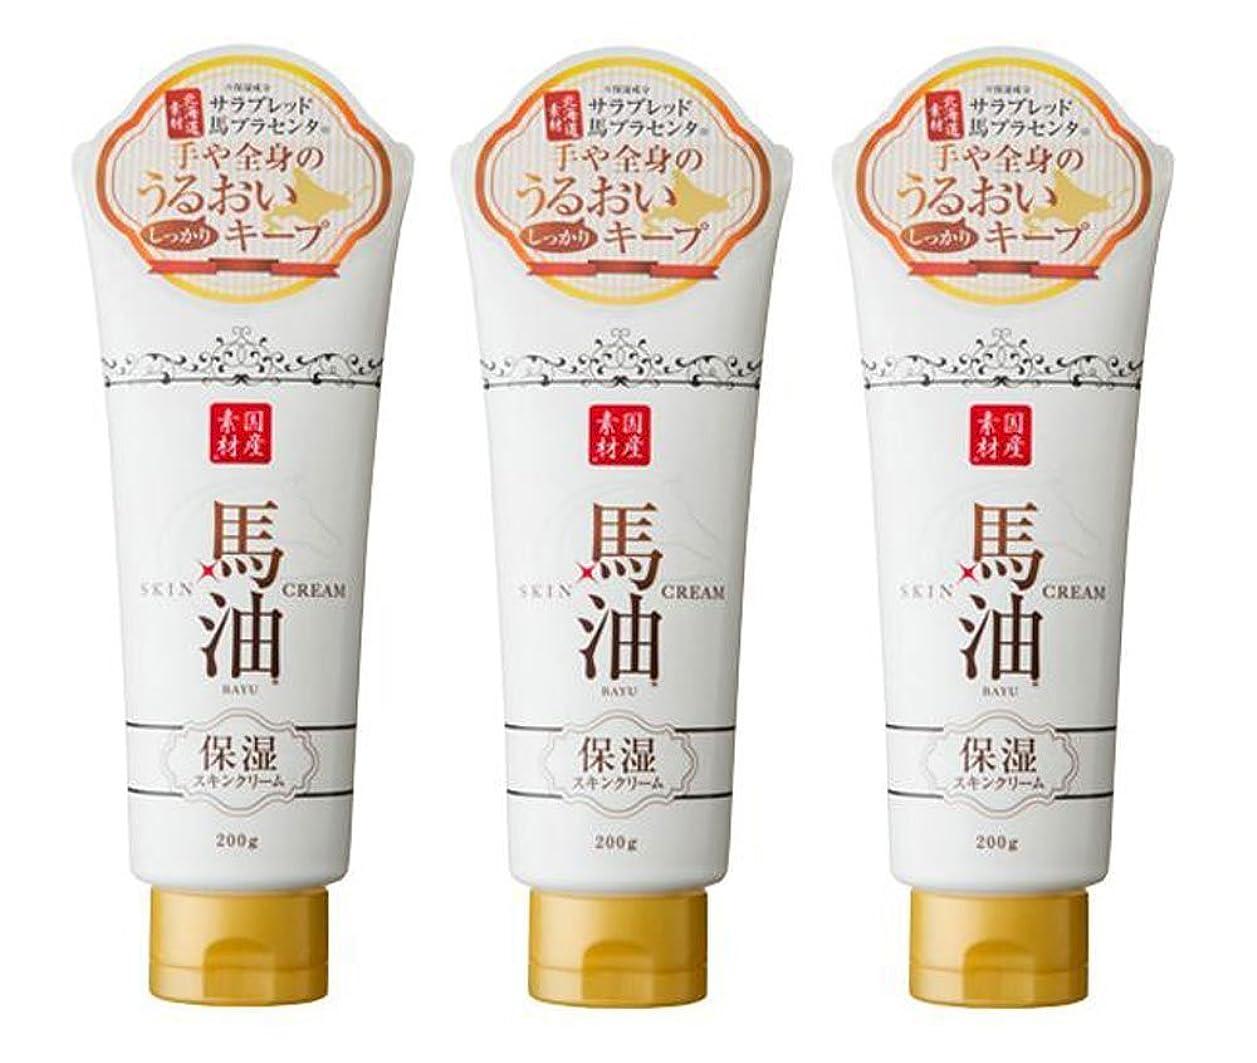 研究深いバランス【アイスタイル】リシャン 馬油保湿スキンクリーム さくらの香り 200g ×3個セット